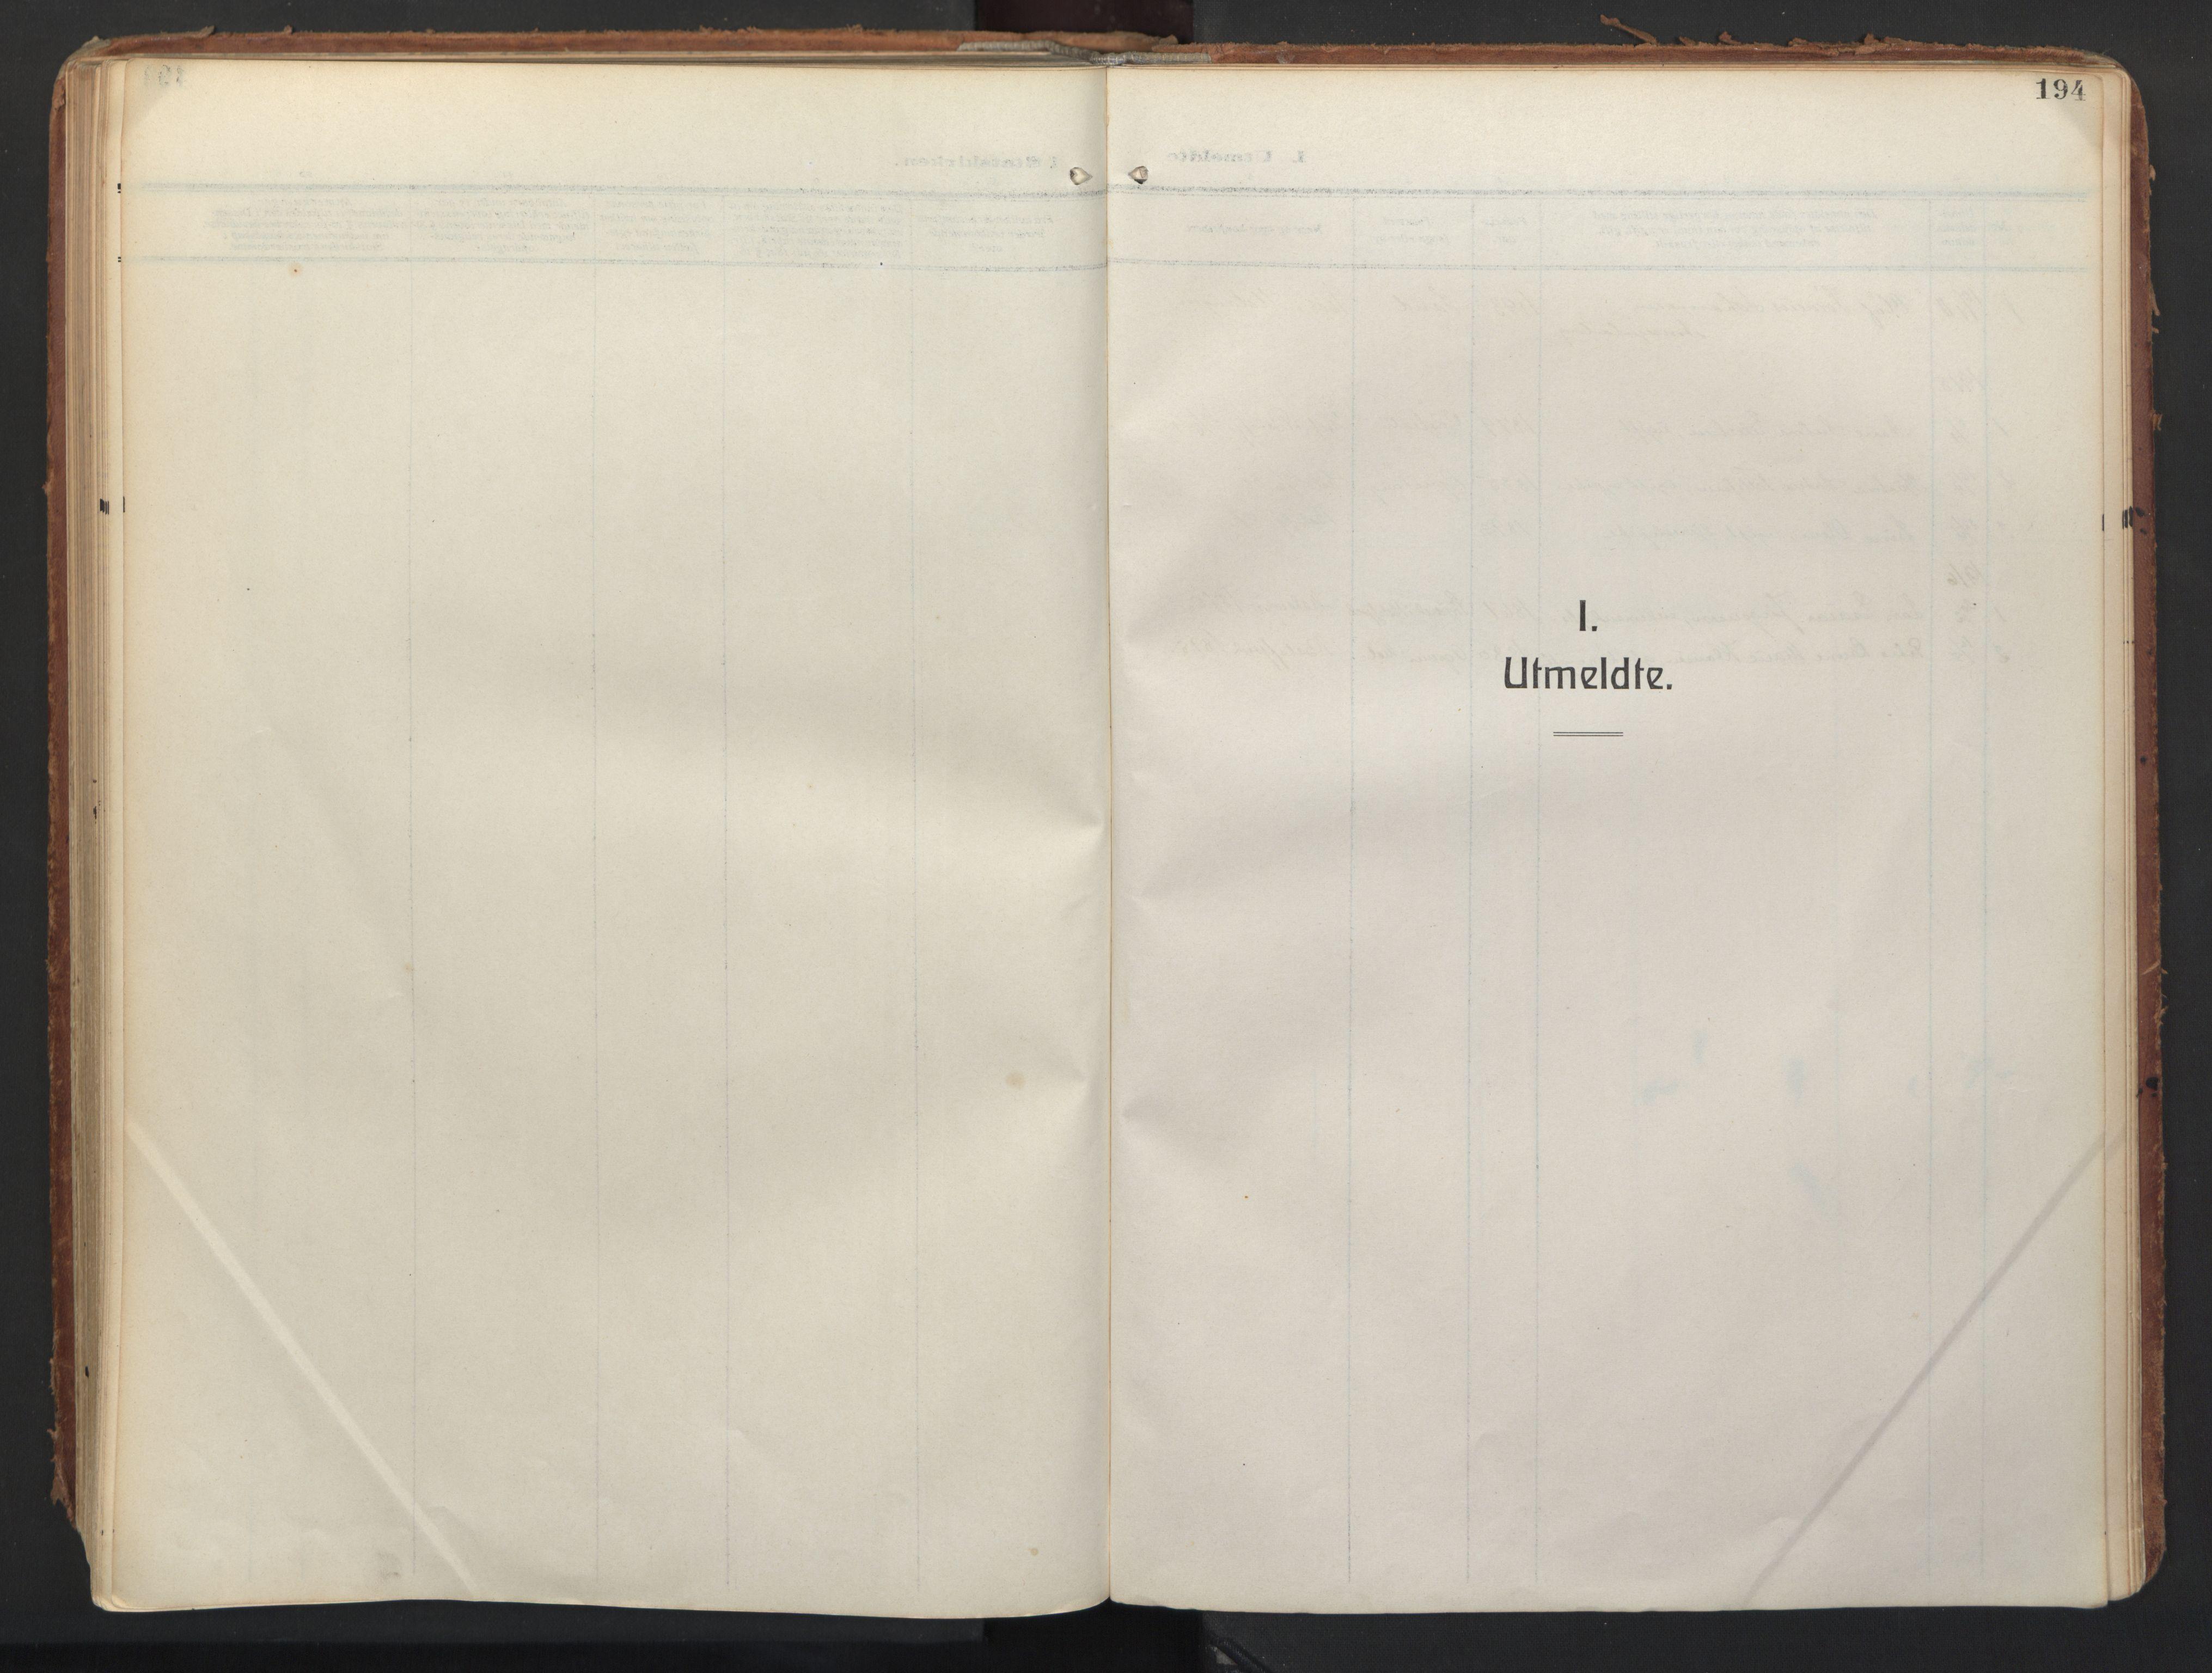 SATØ, Balsfjord sokneprestembete, Ministerialbok nr. 8, 1910-1927, s. 194